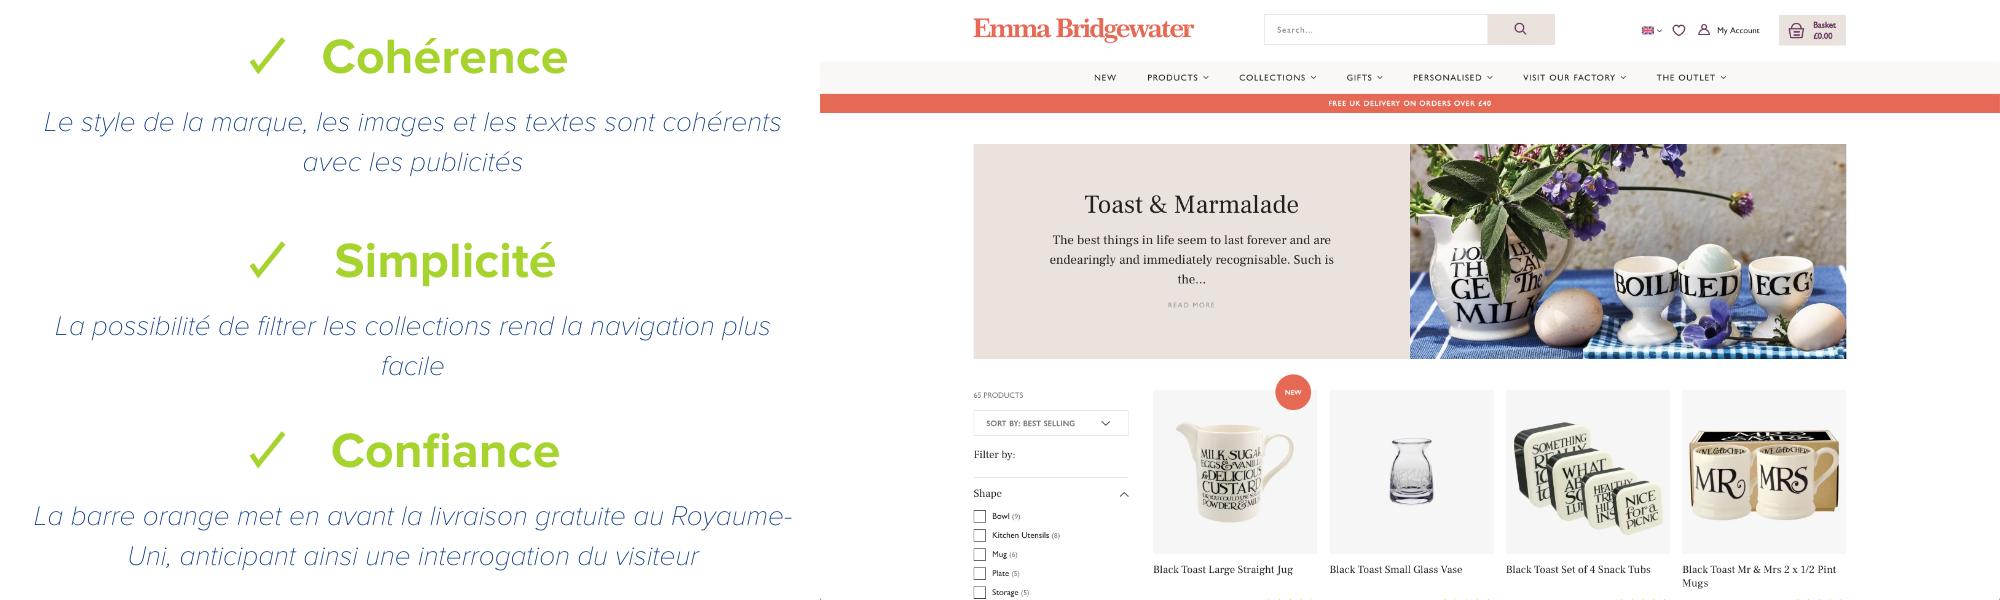 emma bridgewater exemple de page de collection